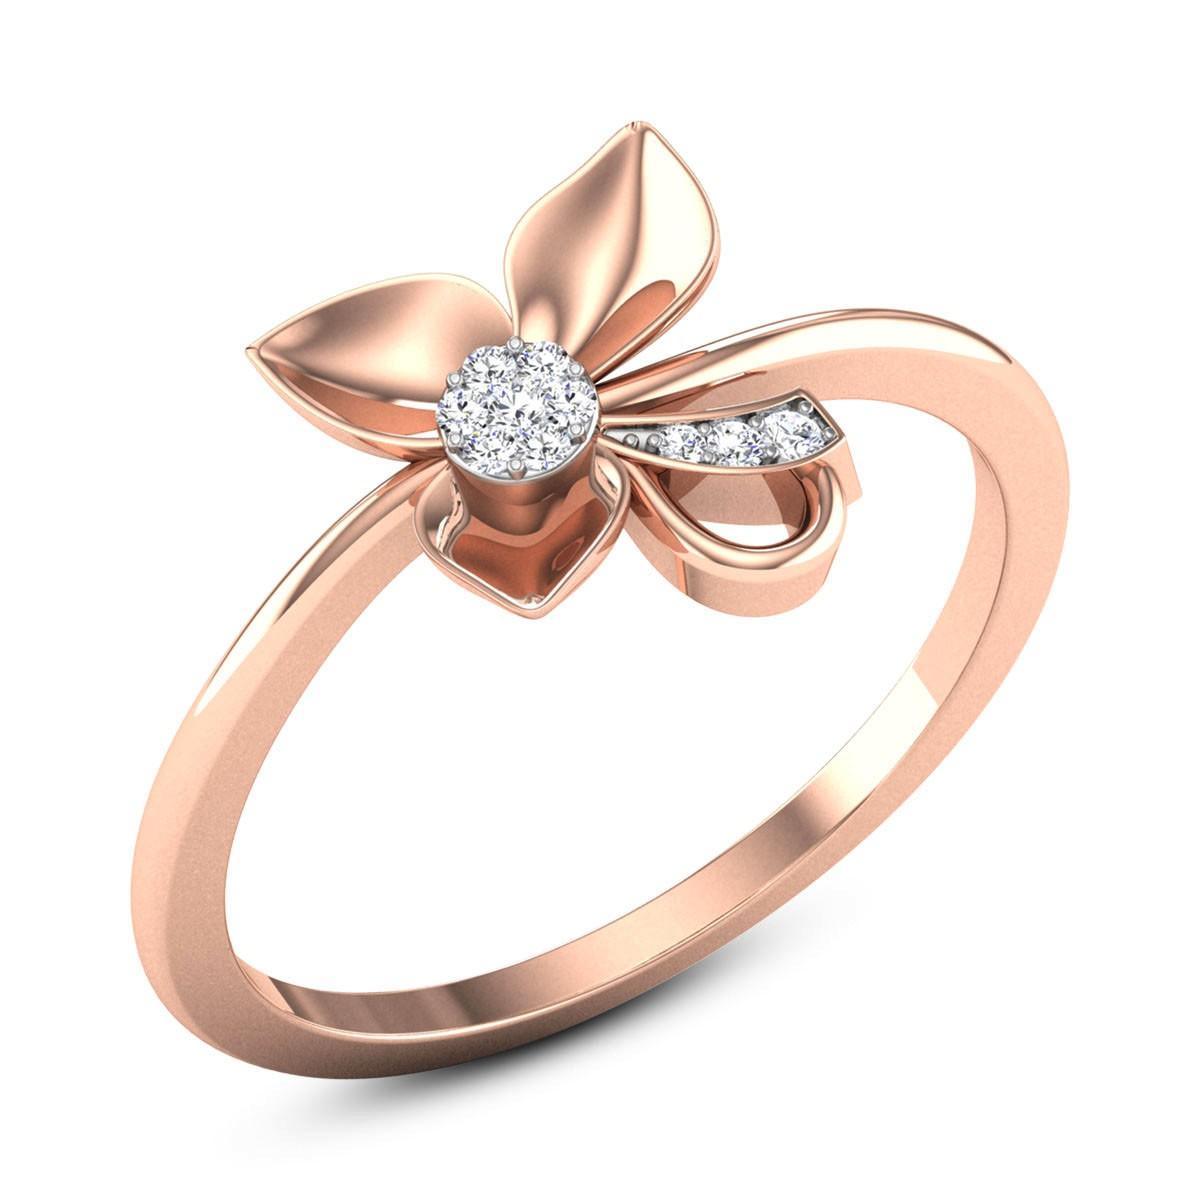 Blake Diamond Floral Ring